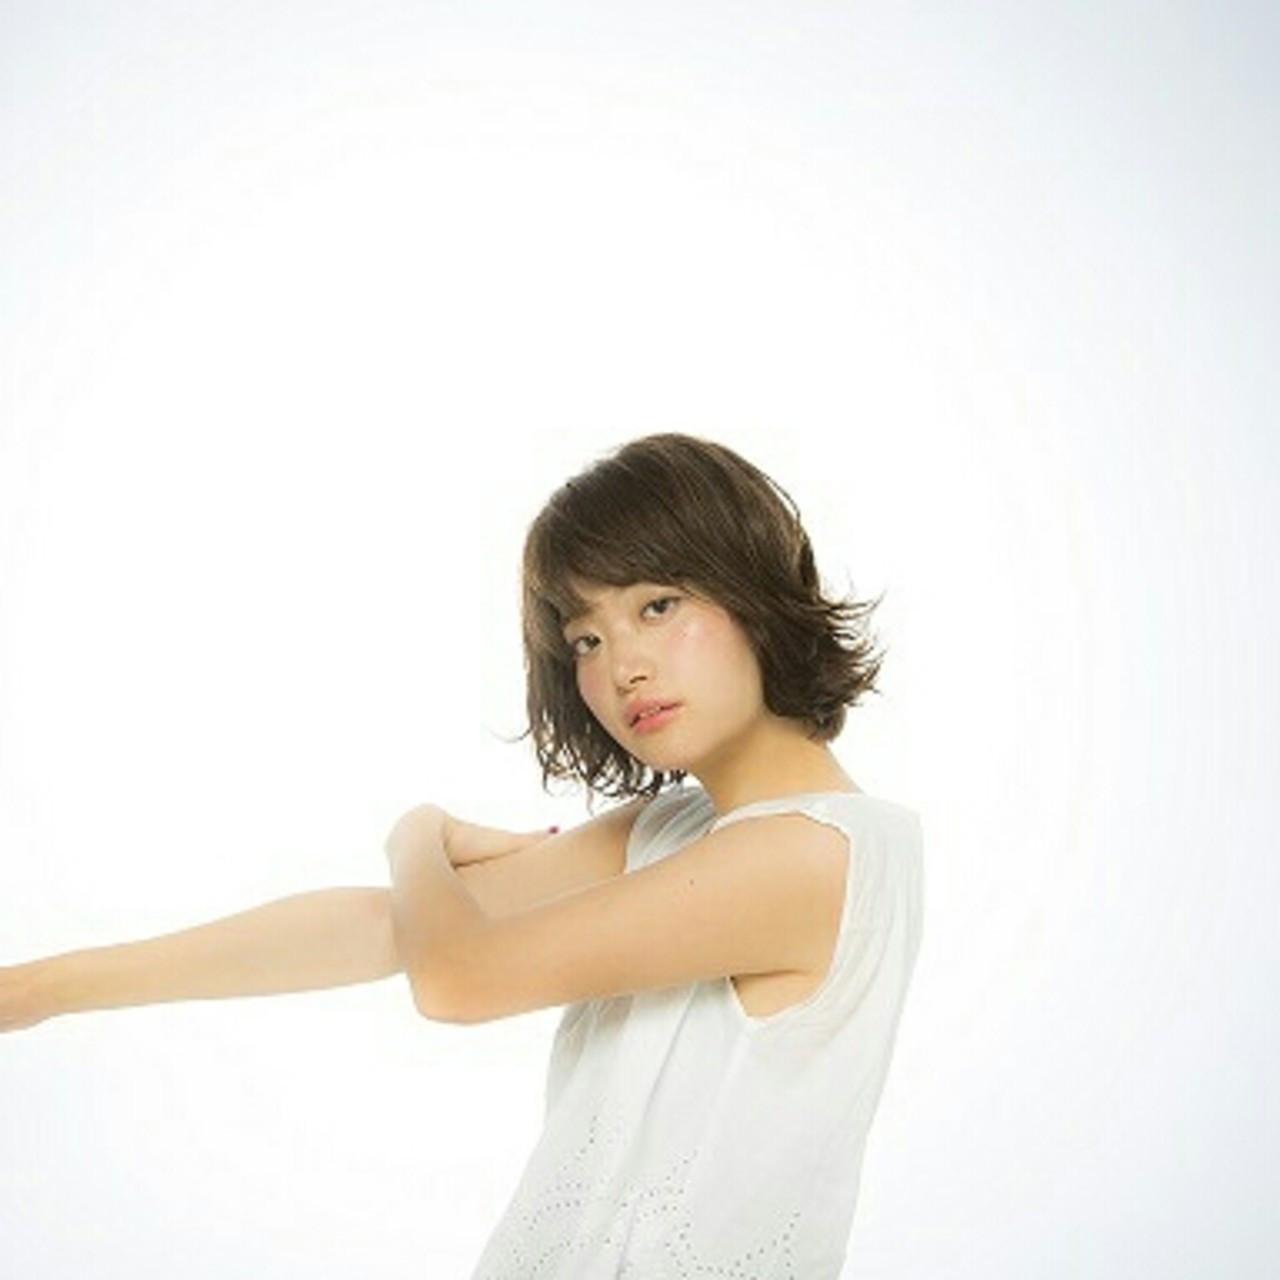 くせ毛を髪型に活用!ショートからロングまで髪の長さ別おすすめスタイル 米村 高明